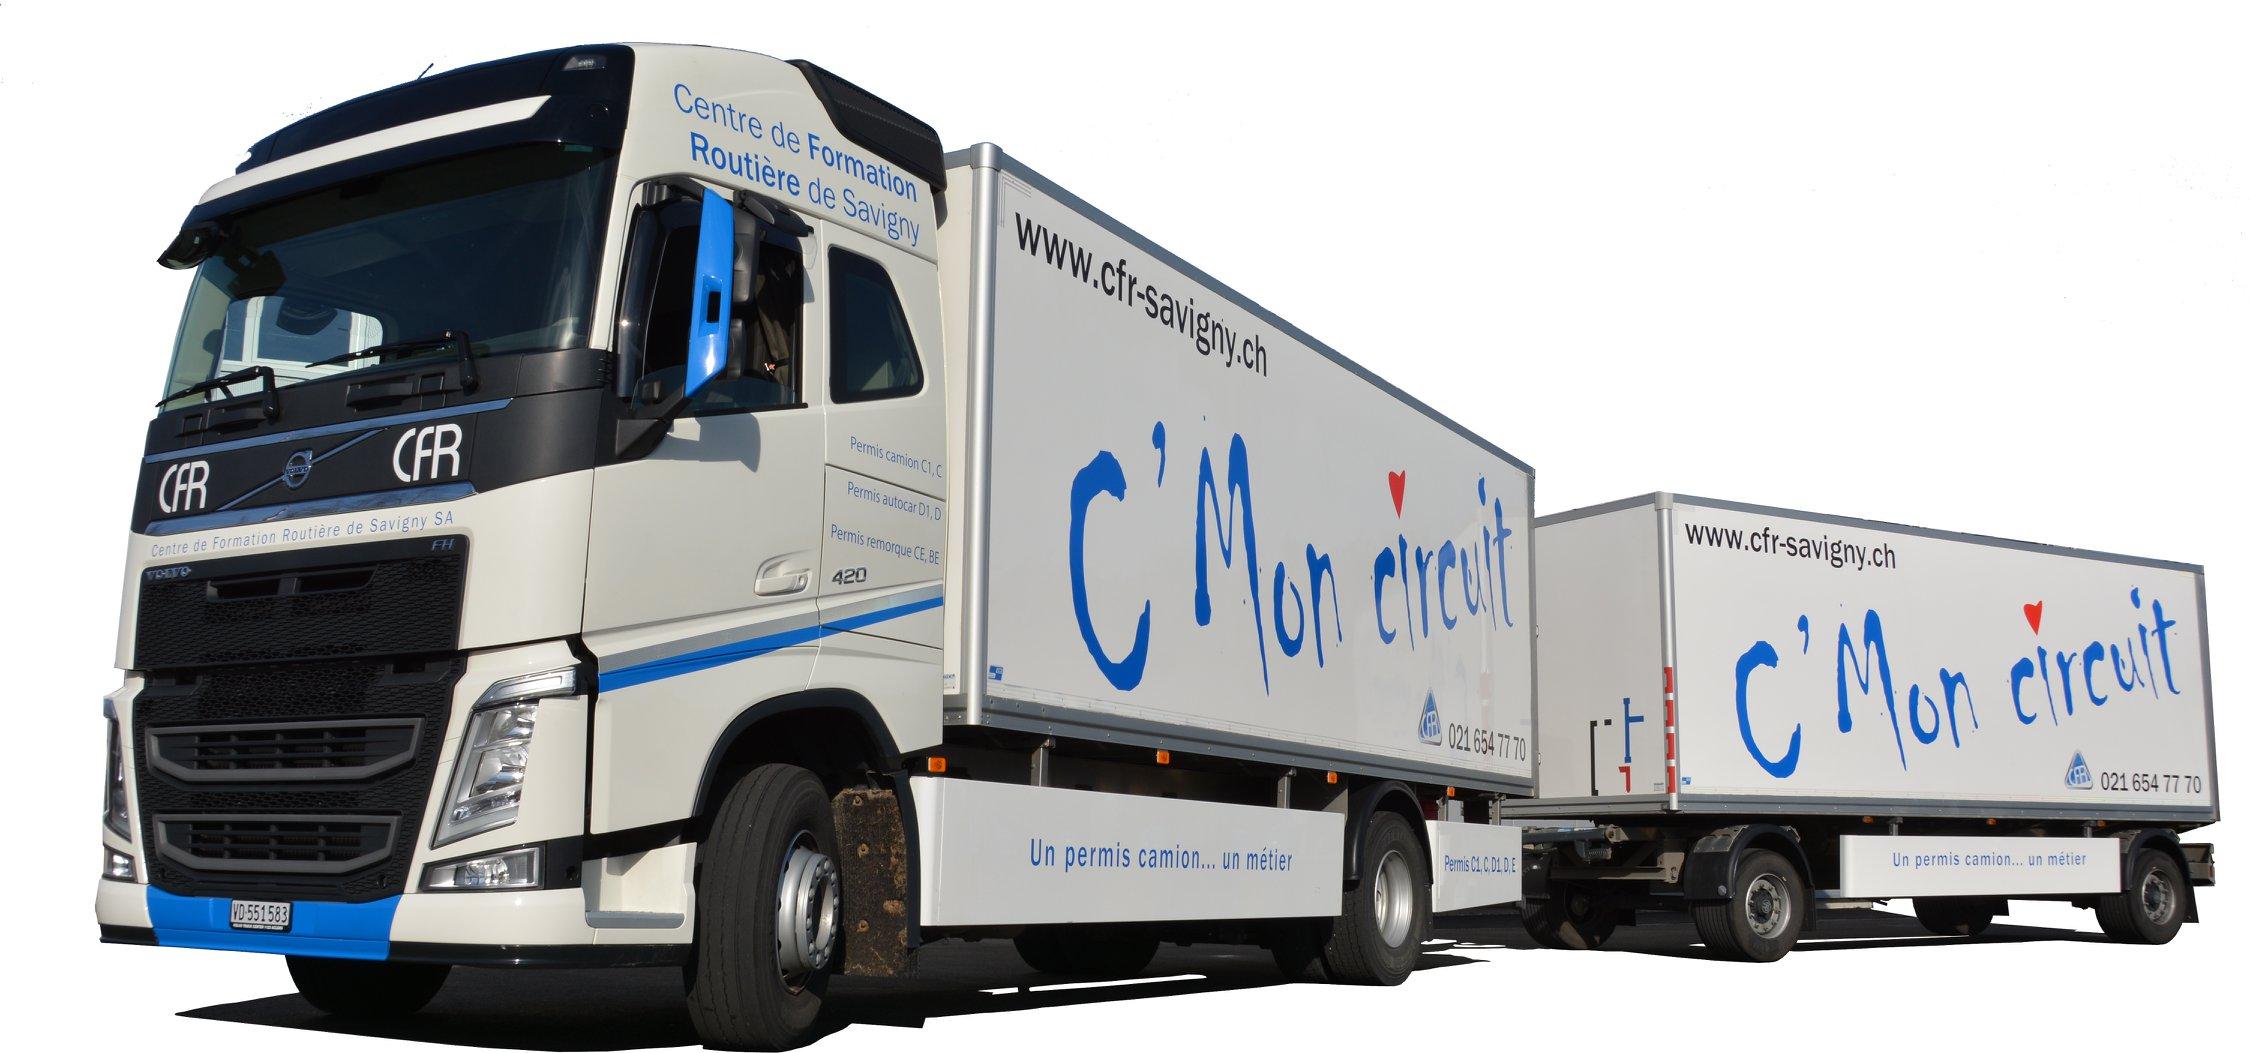 CFR-Savigny-Camion-remorque